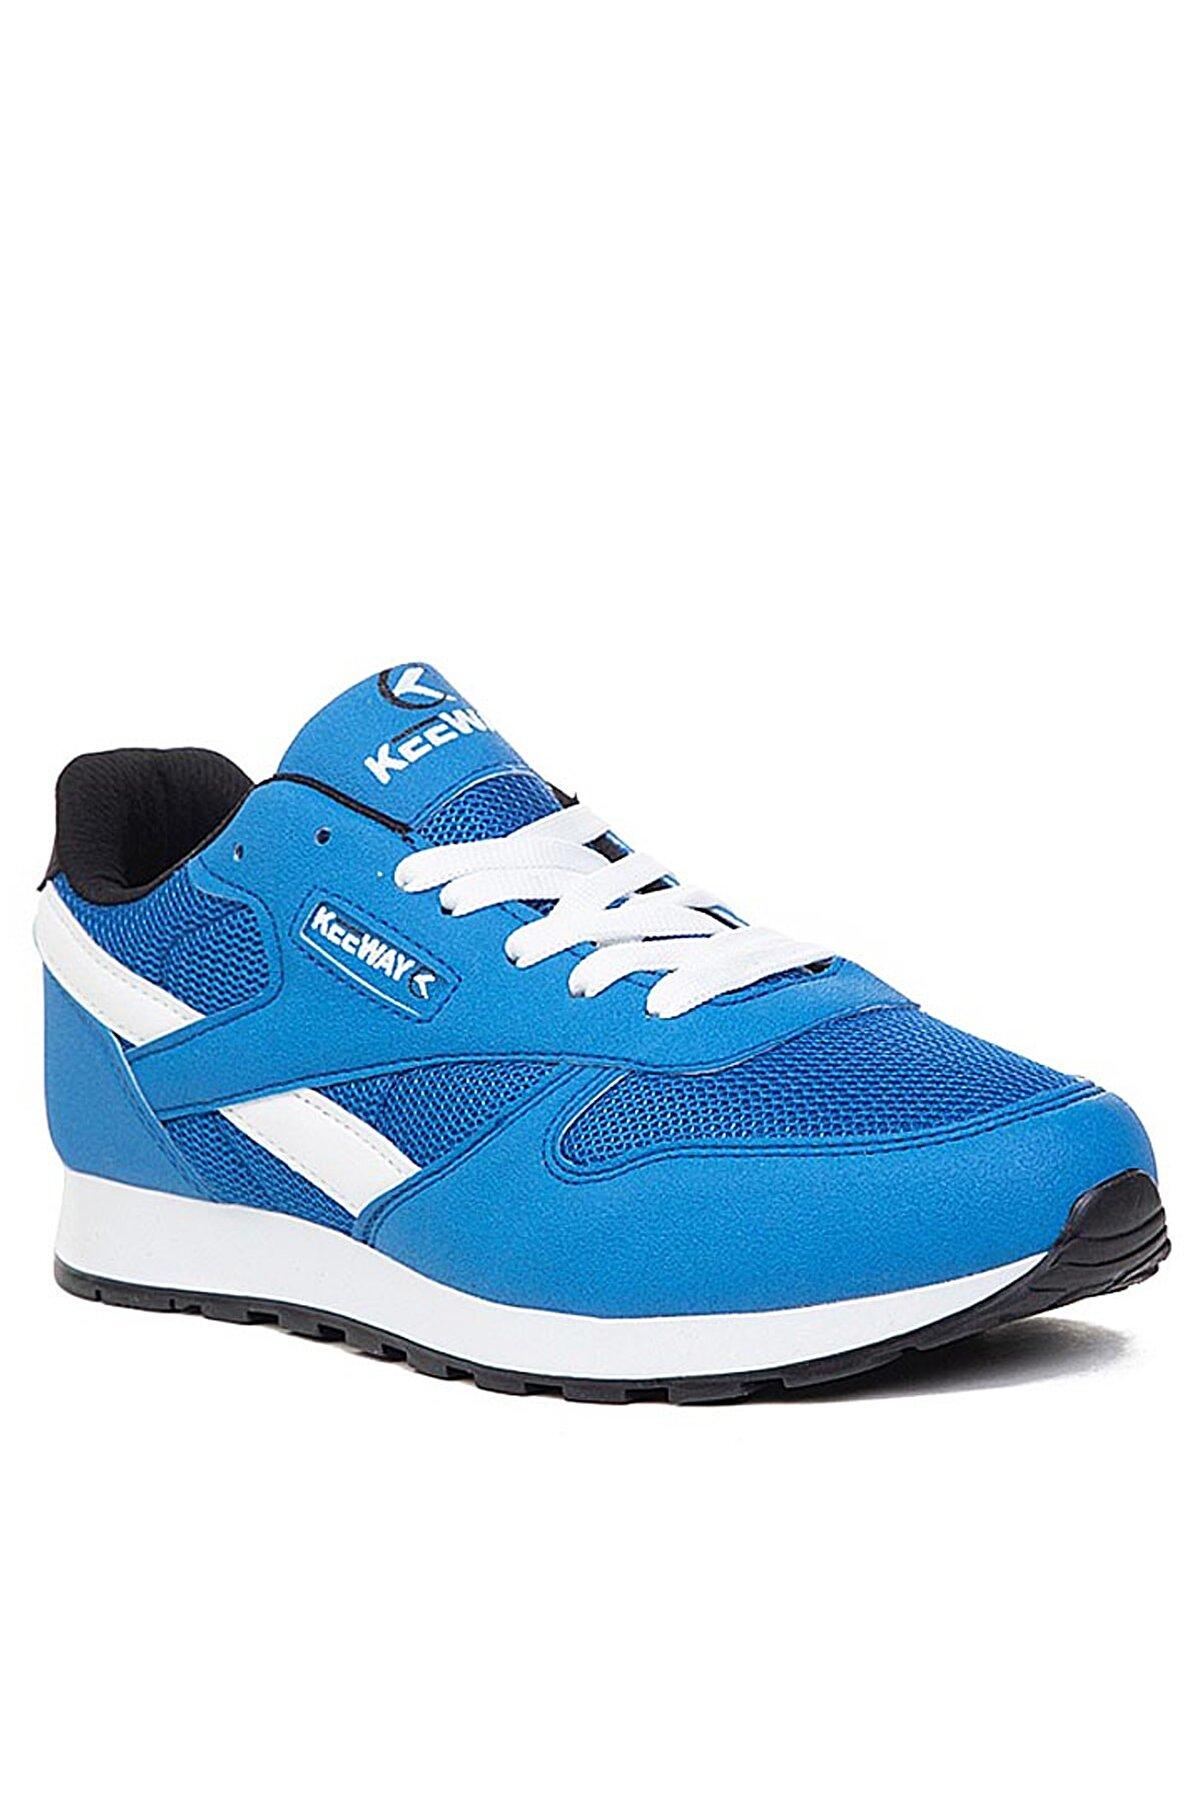 Giyyin Unisex Sneaker